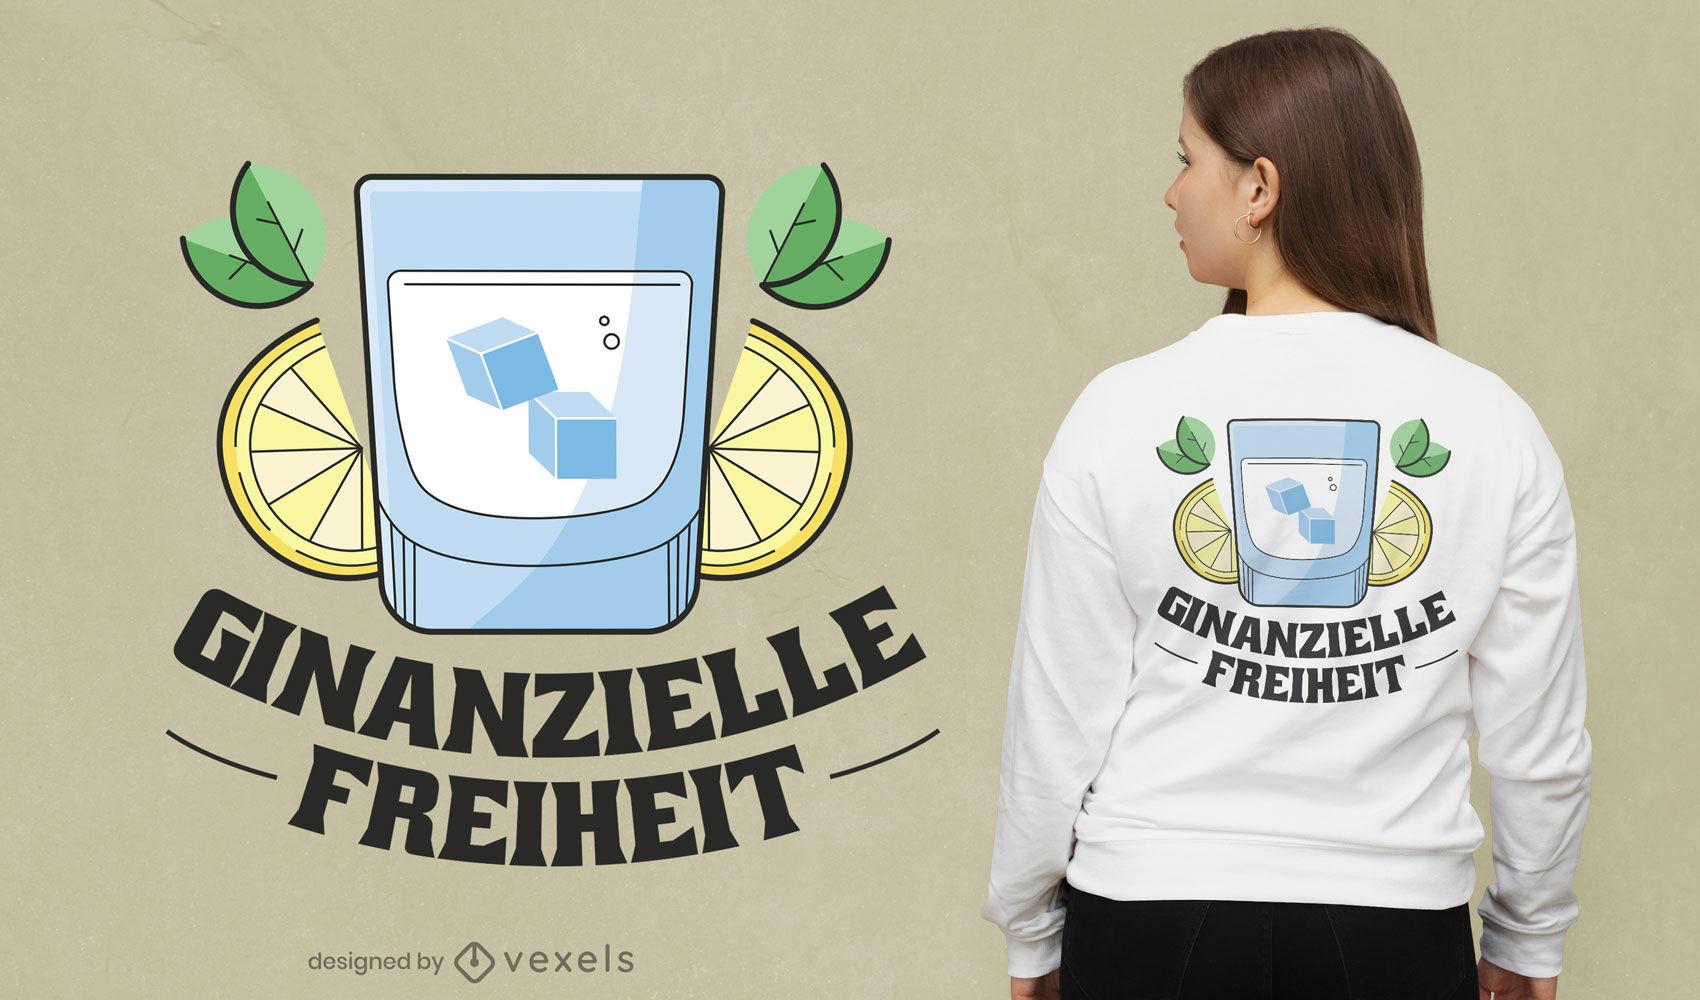 Cool Ginanzielle freiheit t-shirt design